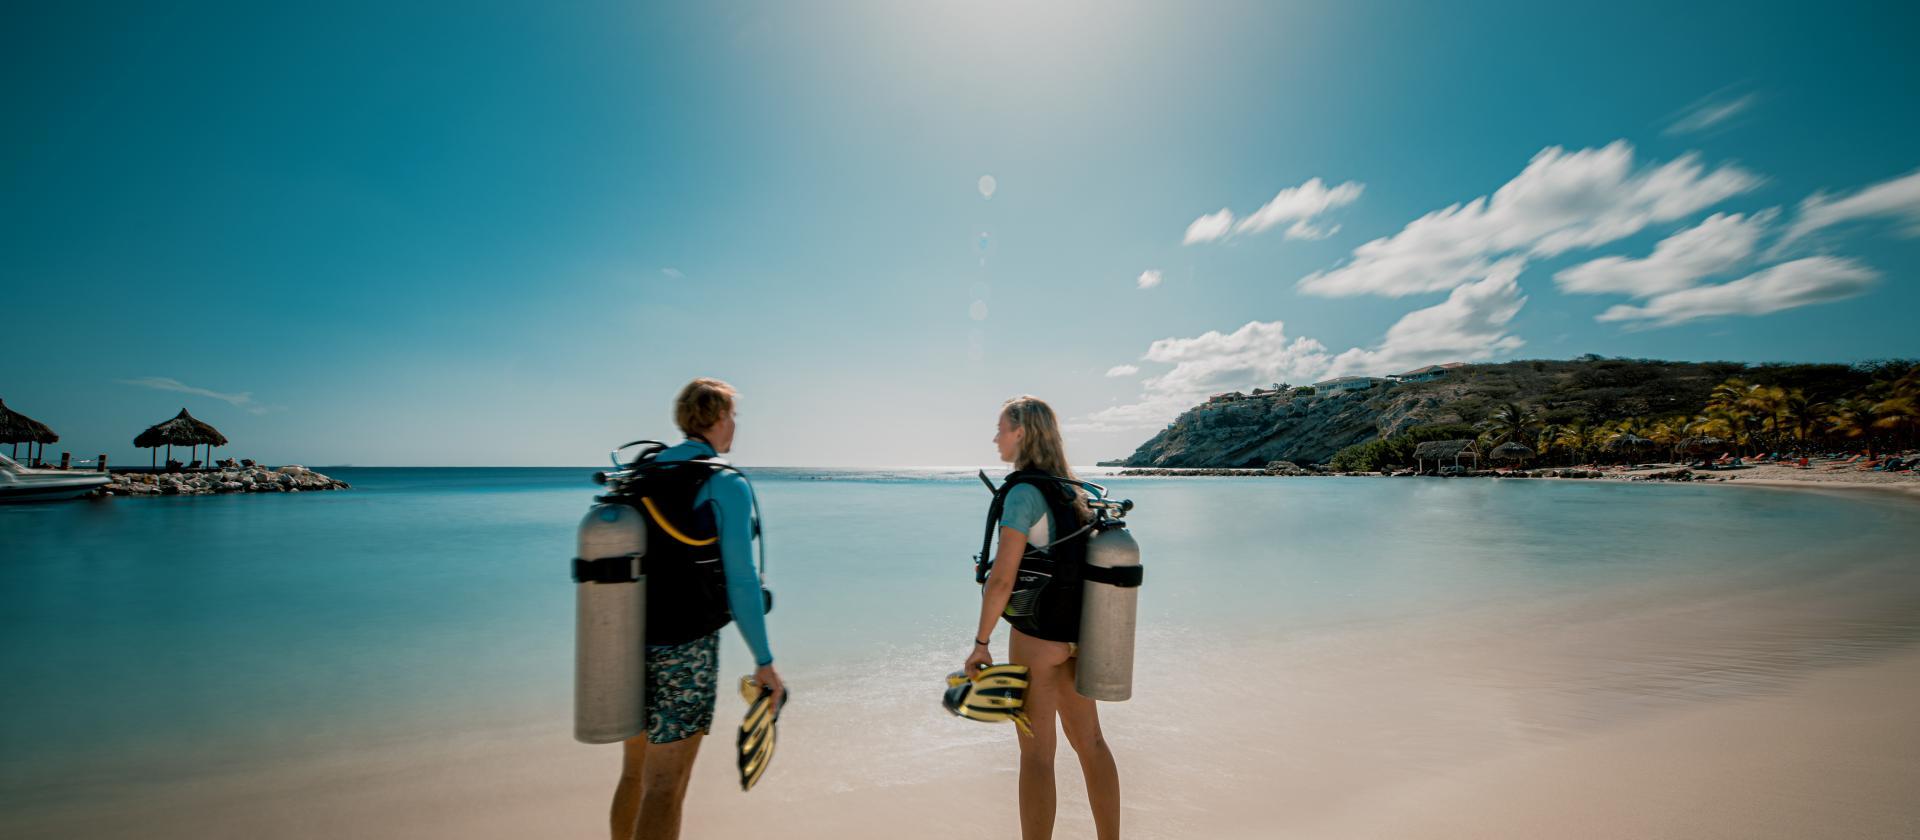 加勒比海岛库拉索蓝湾海滩潜水